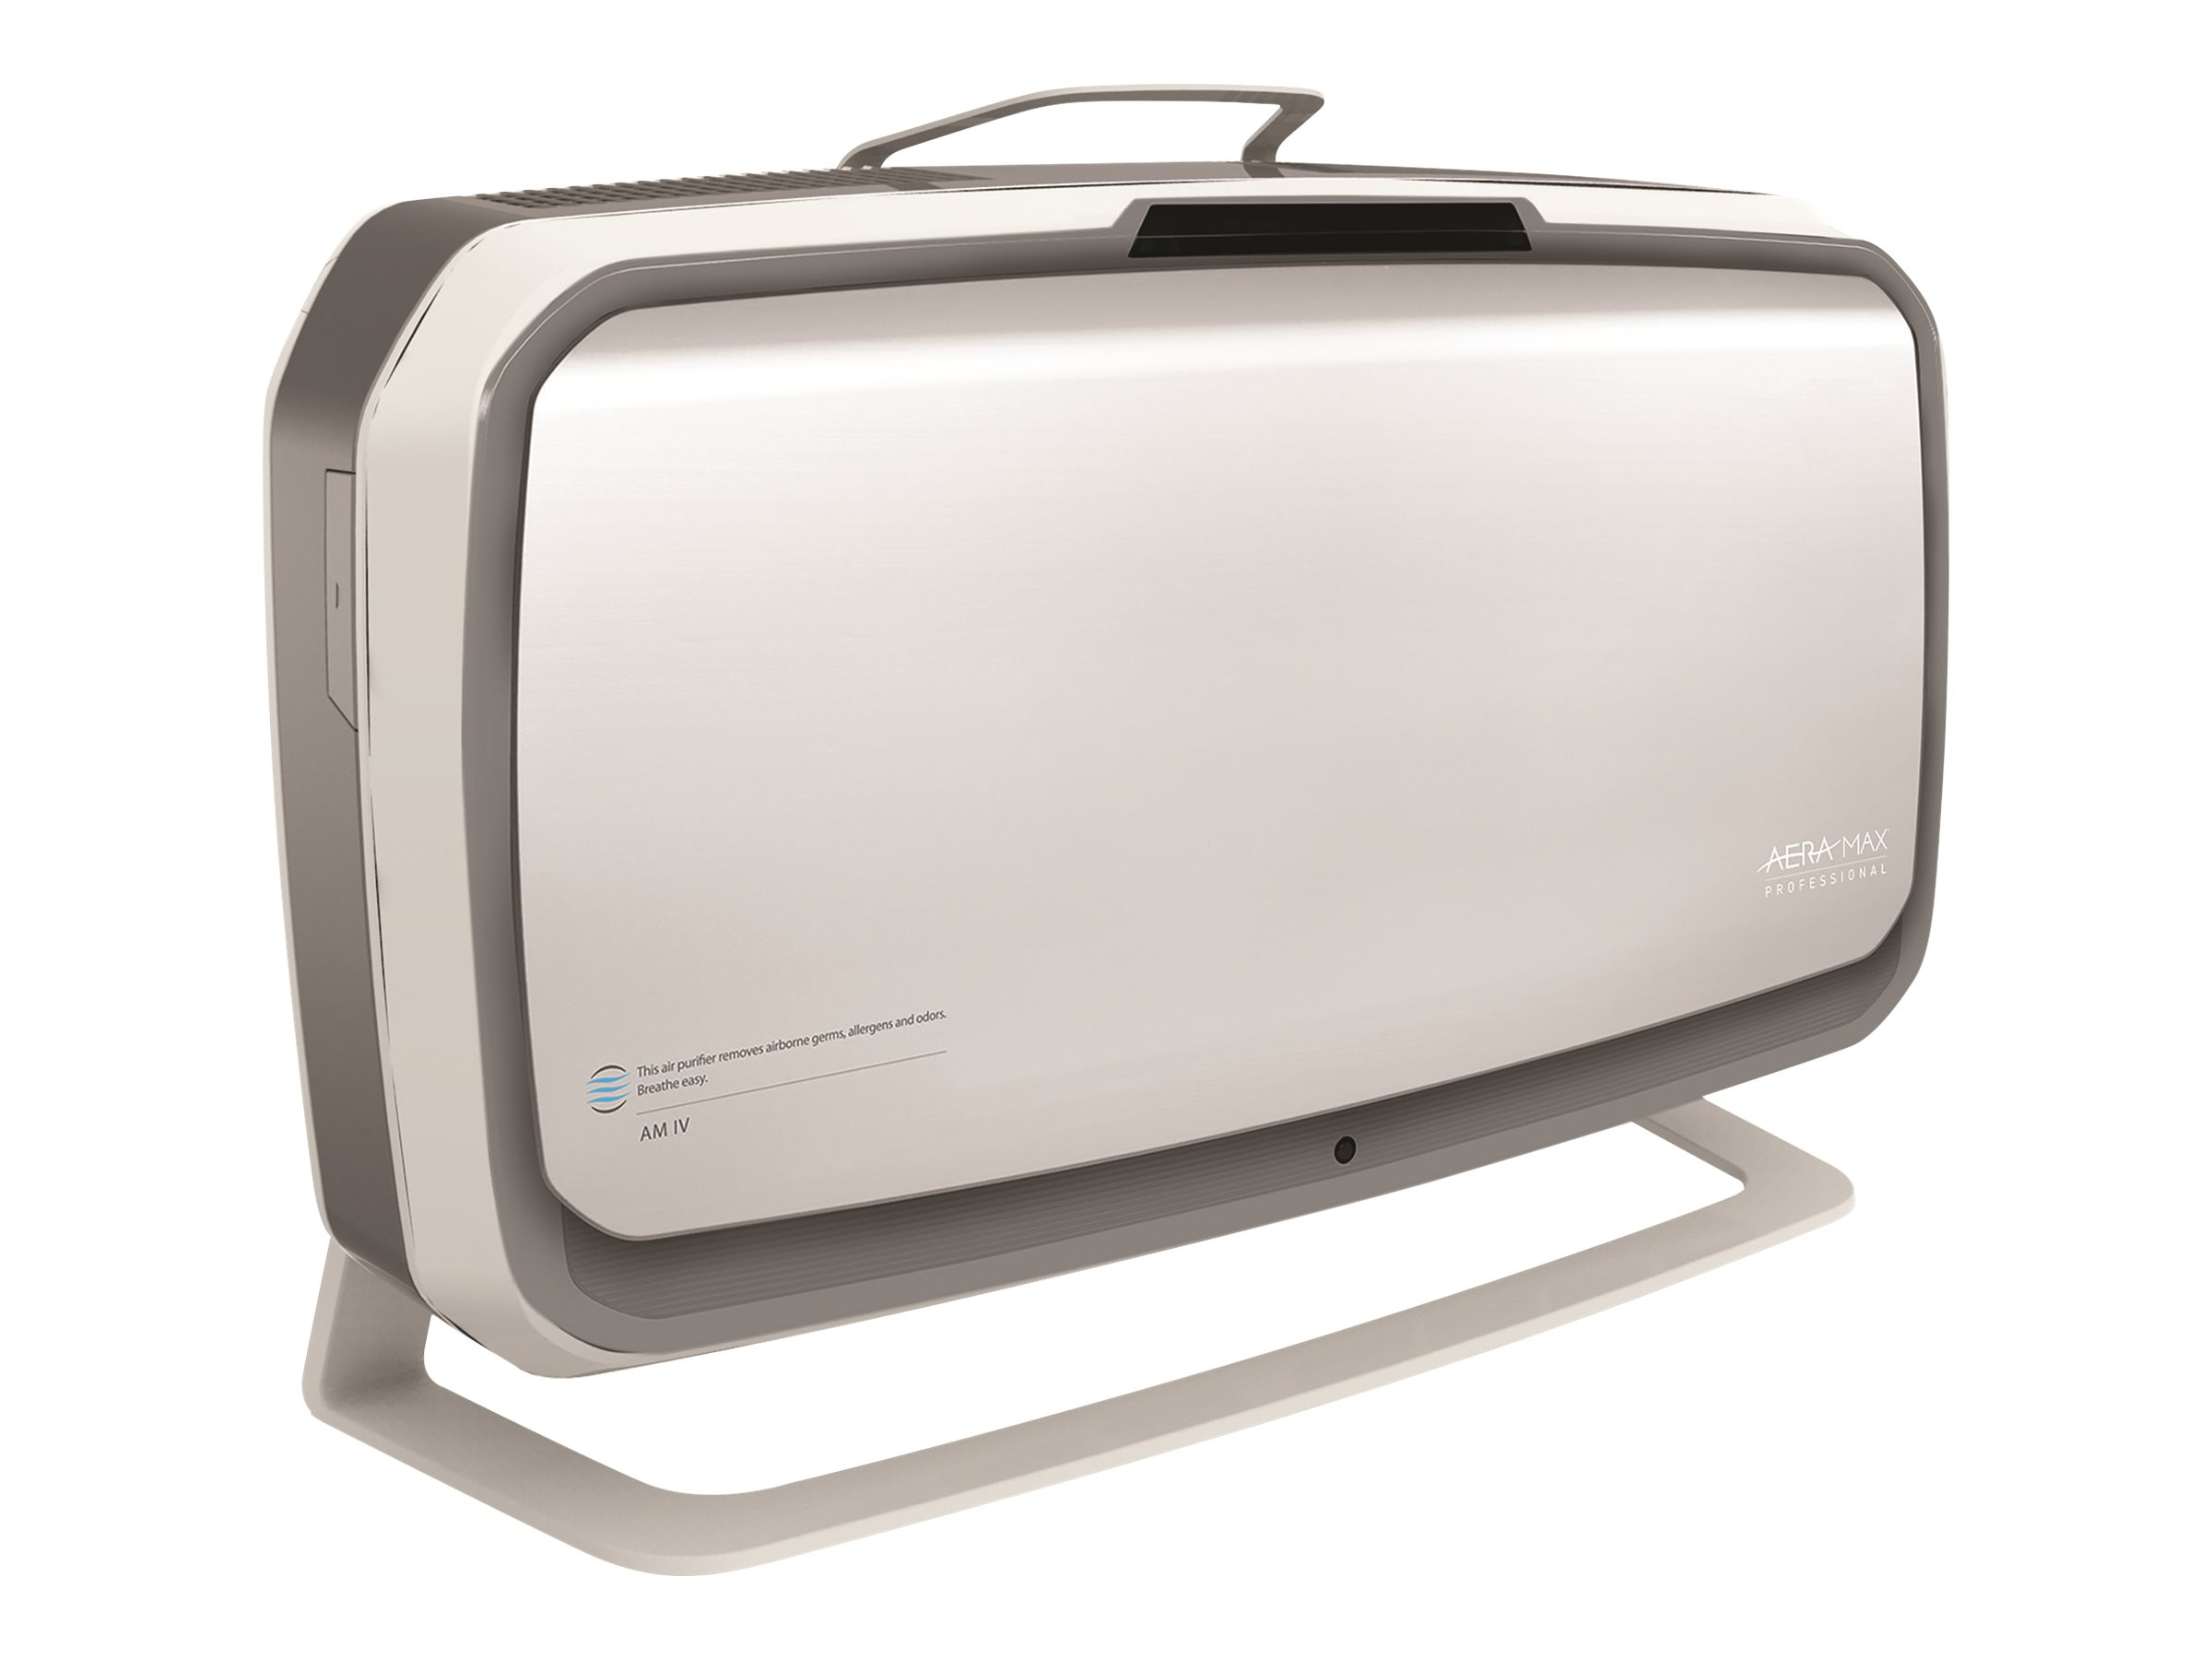 AeraMaxPro AM IVS - Purificateur d'air sur pied - filtration HEPA - Fellowes